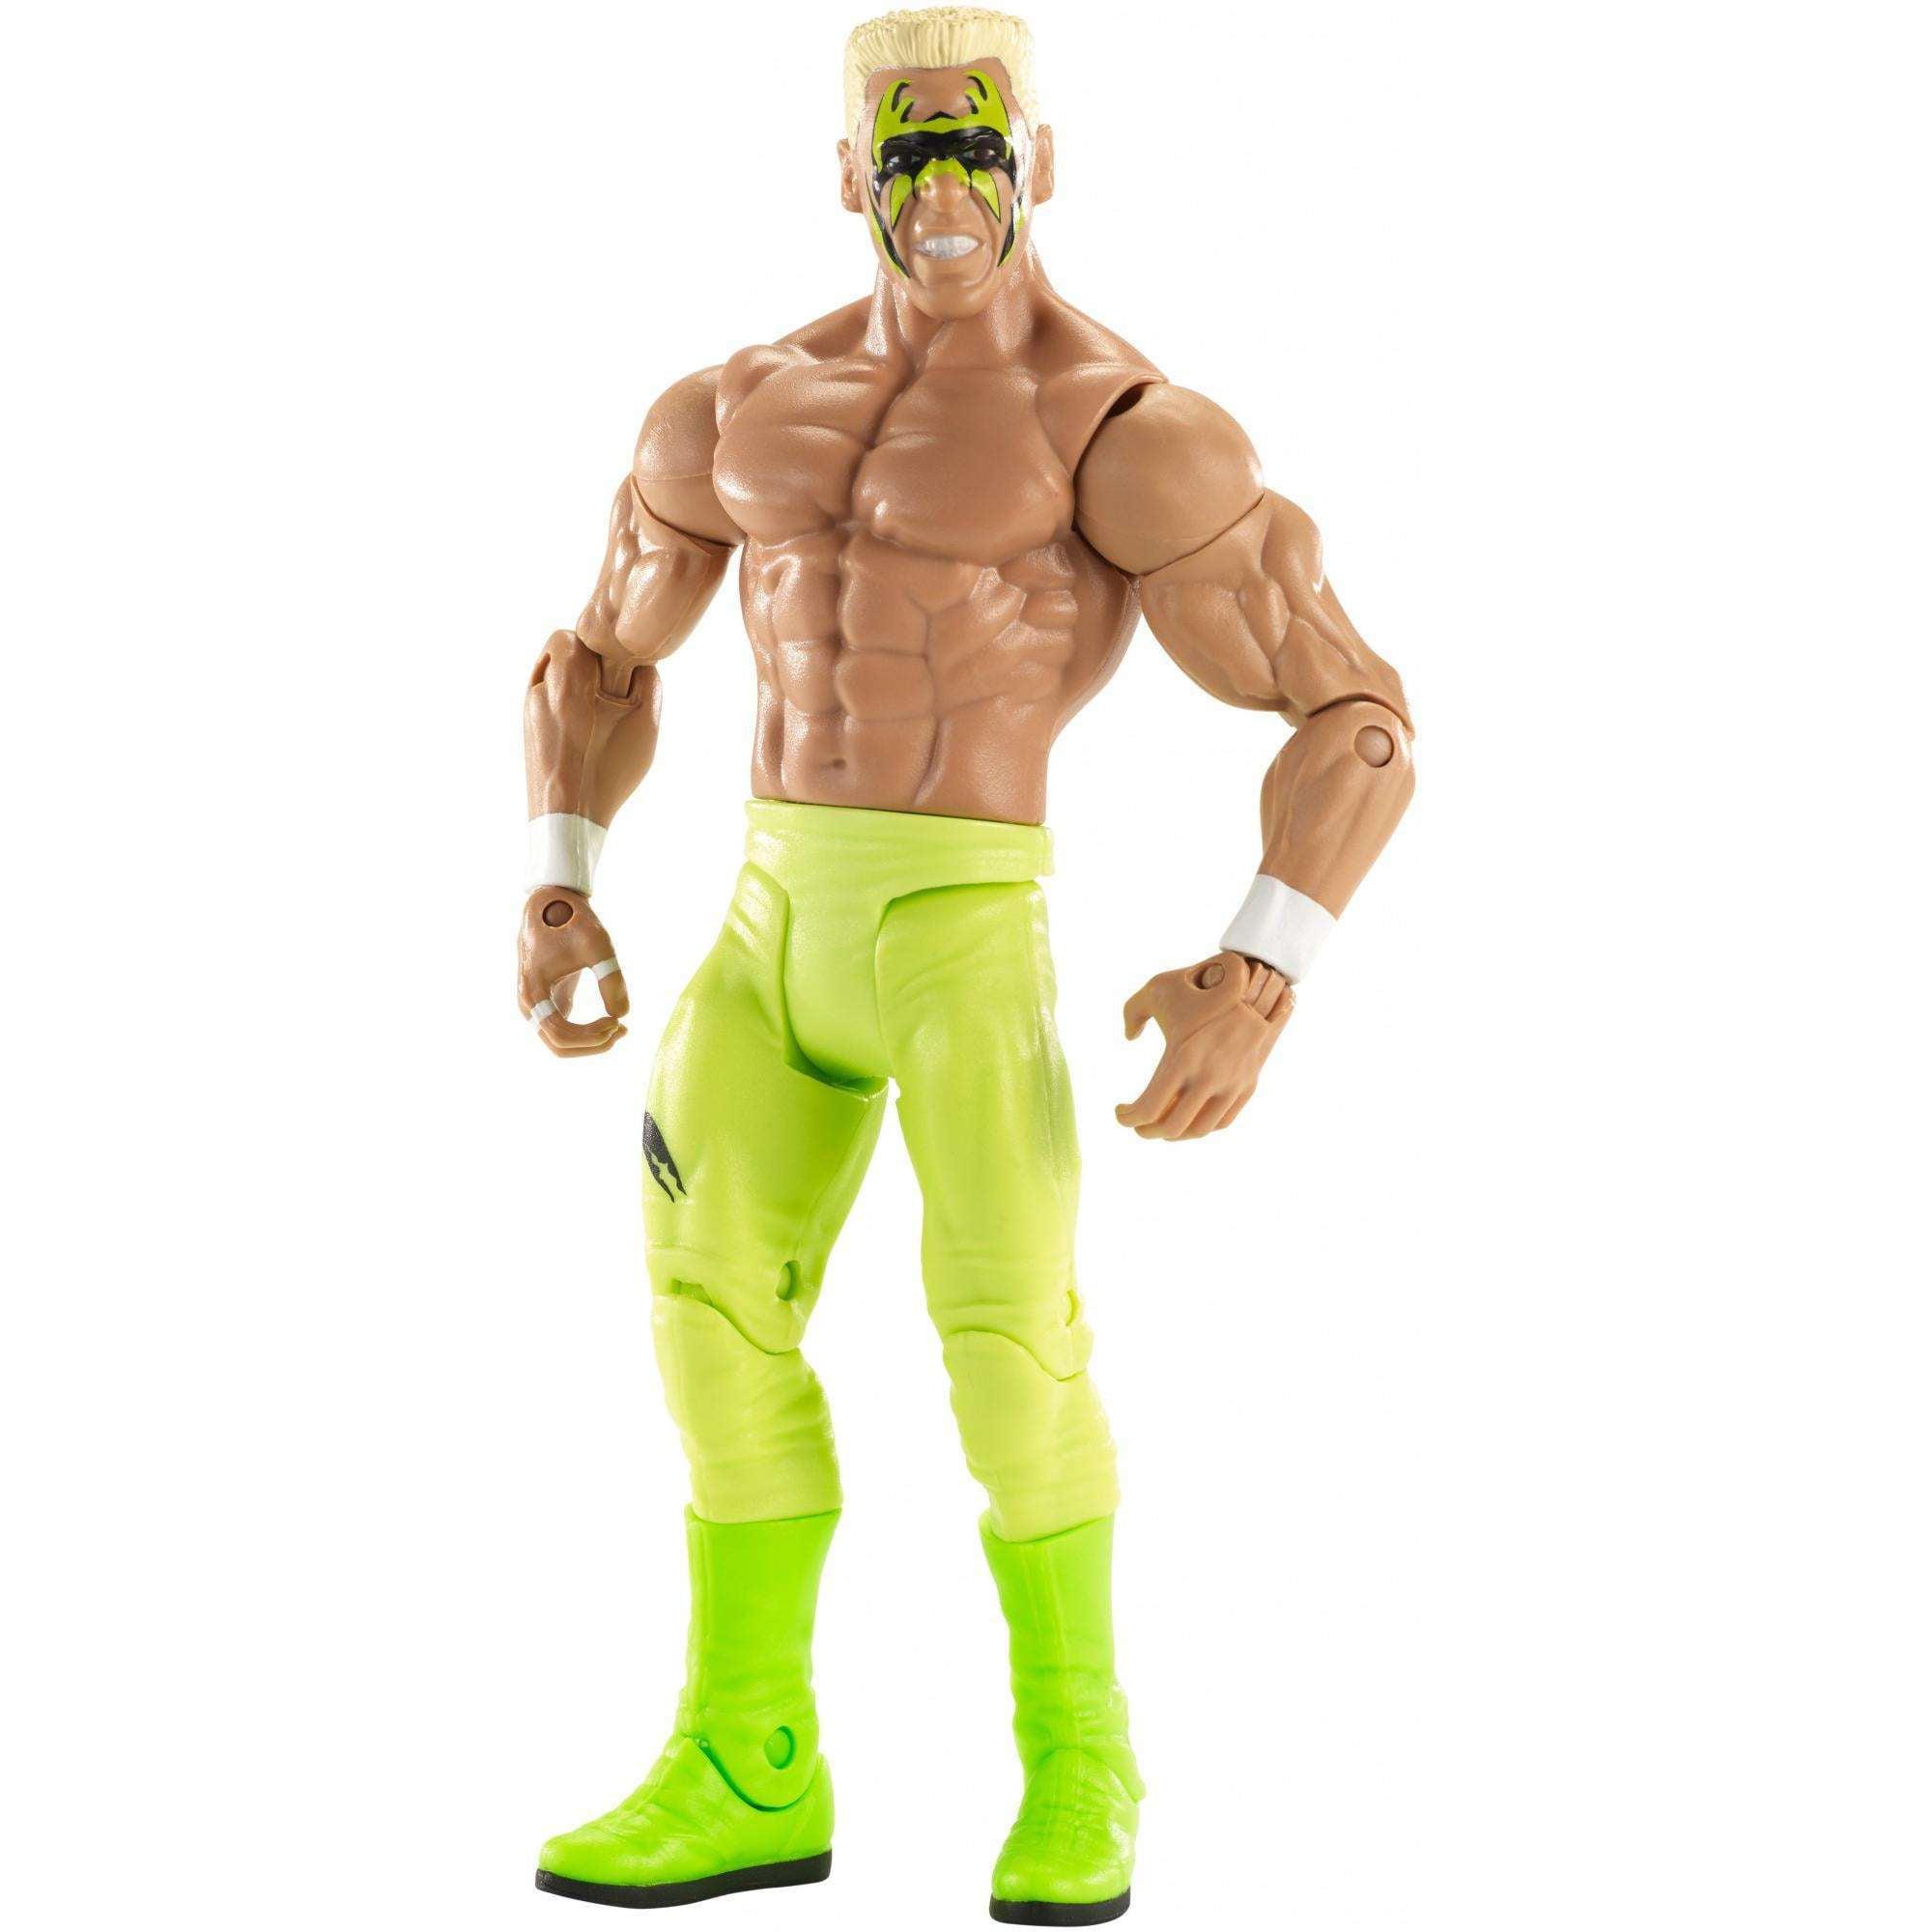 WWE Sting Figure by Mattel